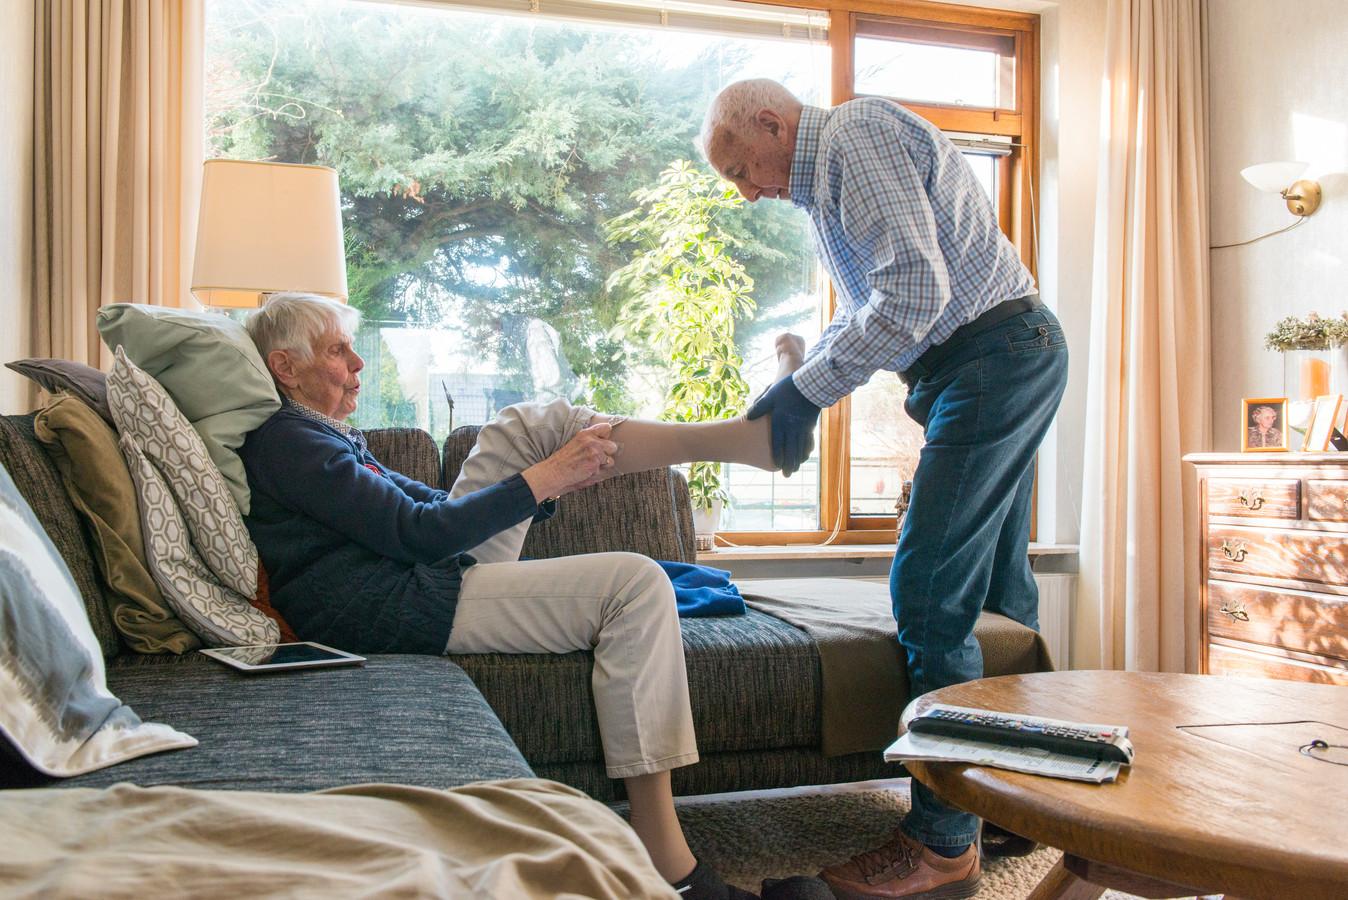 Samen oud worden in eigen woning dankzij mantelzorg door partner.